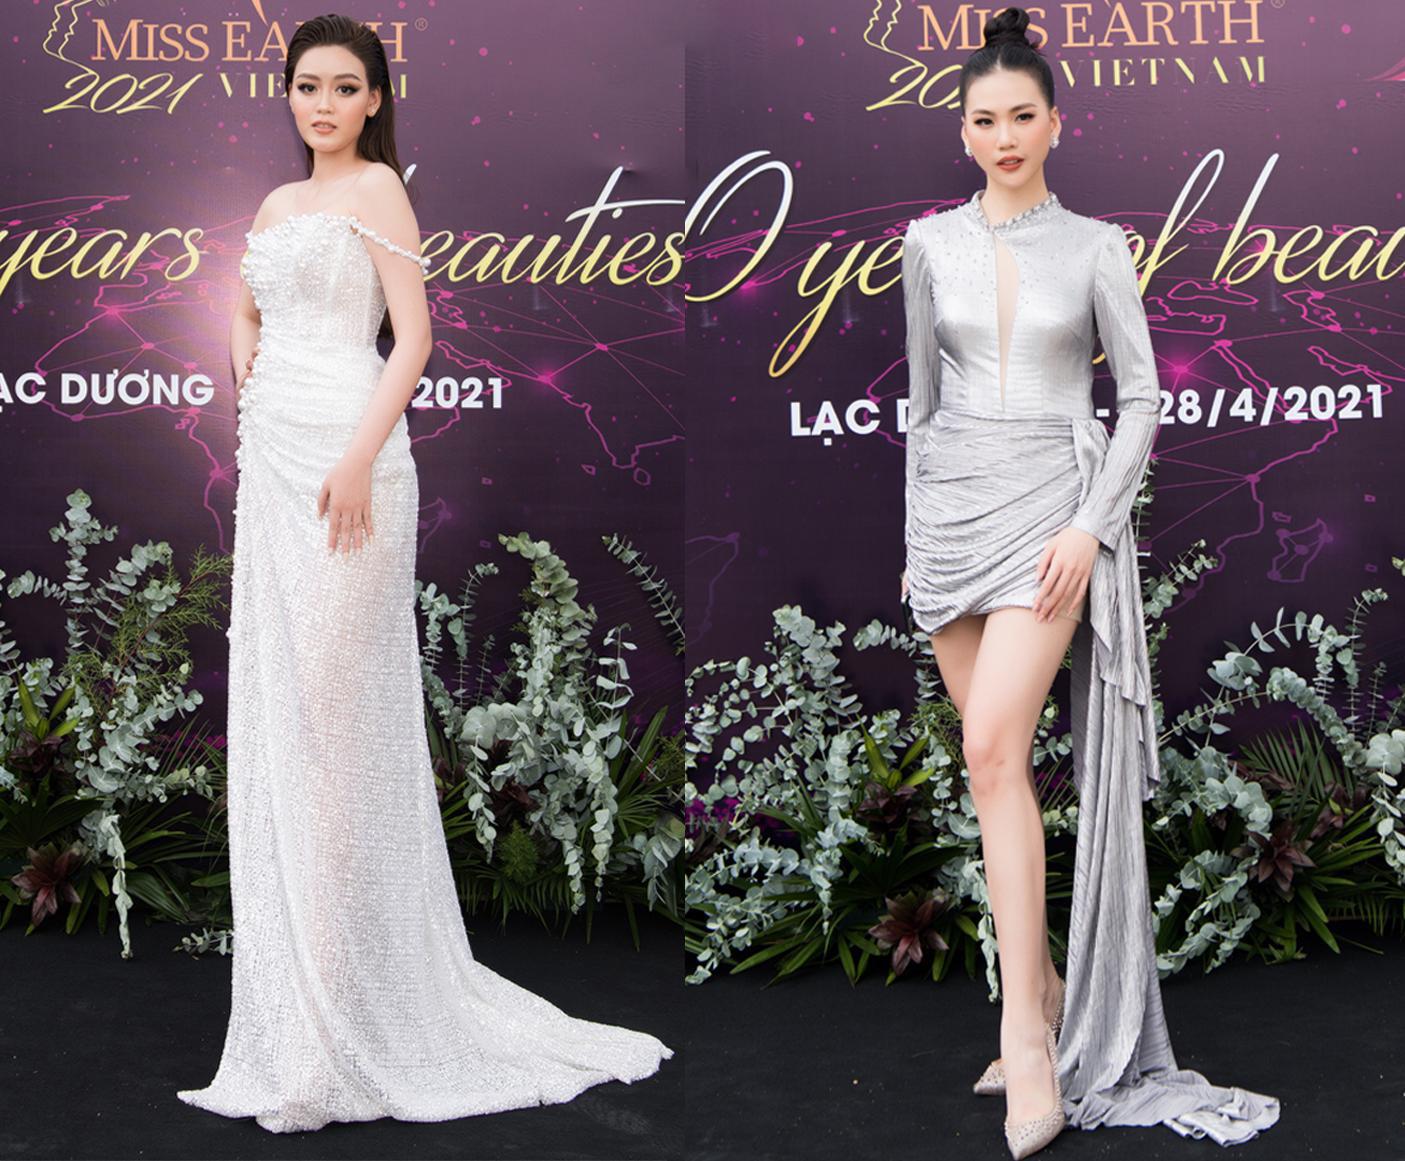 Hoa hậu Trái đất 2021 quy tụ dàn celeb khủng, hội ngộ 7 Miss Earth Vietnam - Ảnh 5.